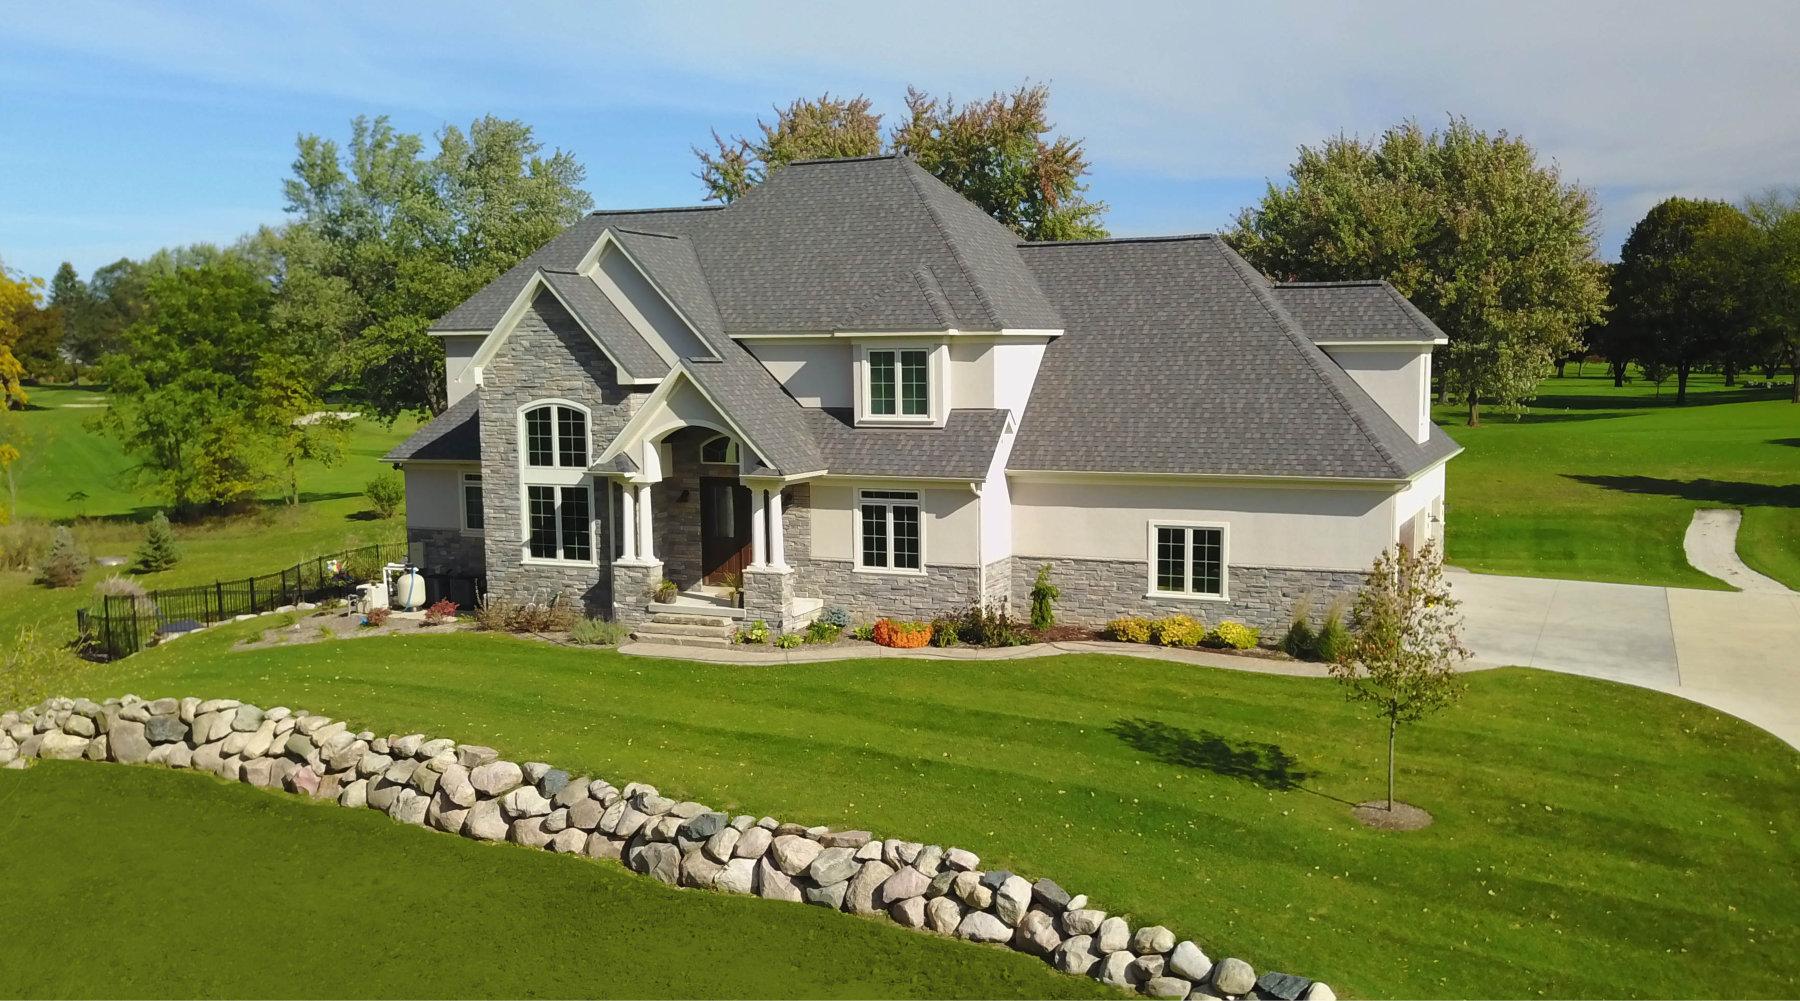 Spring_Meadow_Home_Builder_Fenton_Lakes_Building